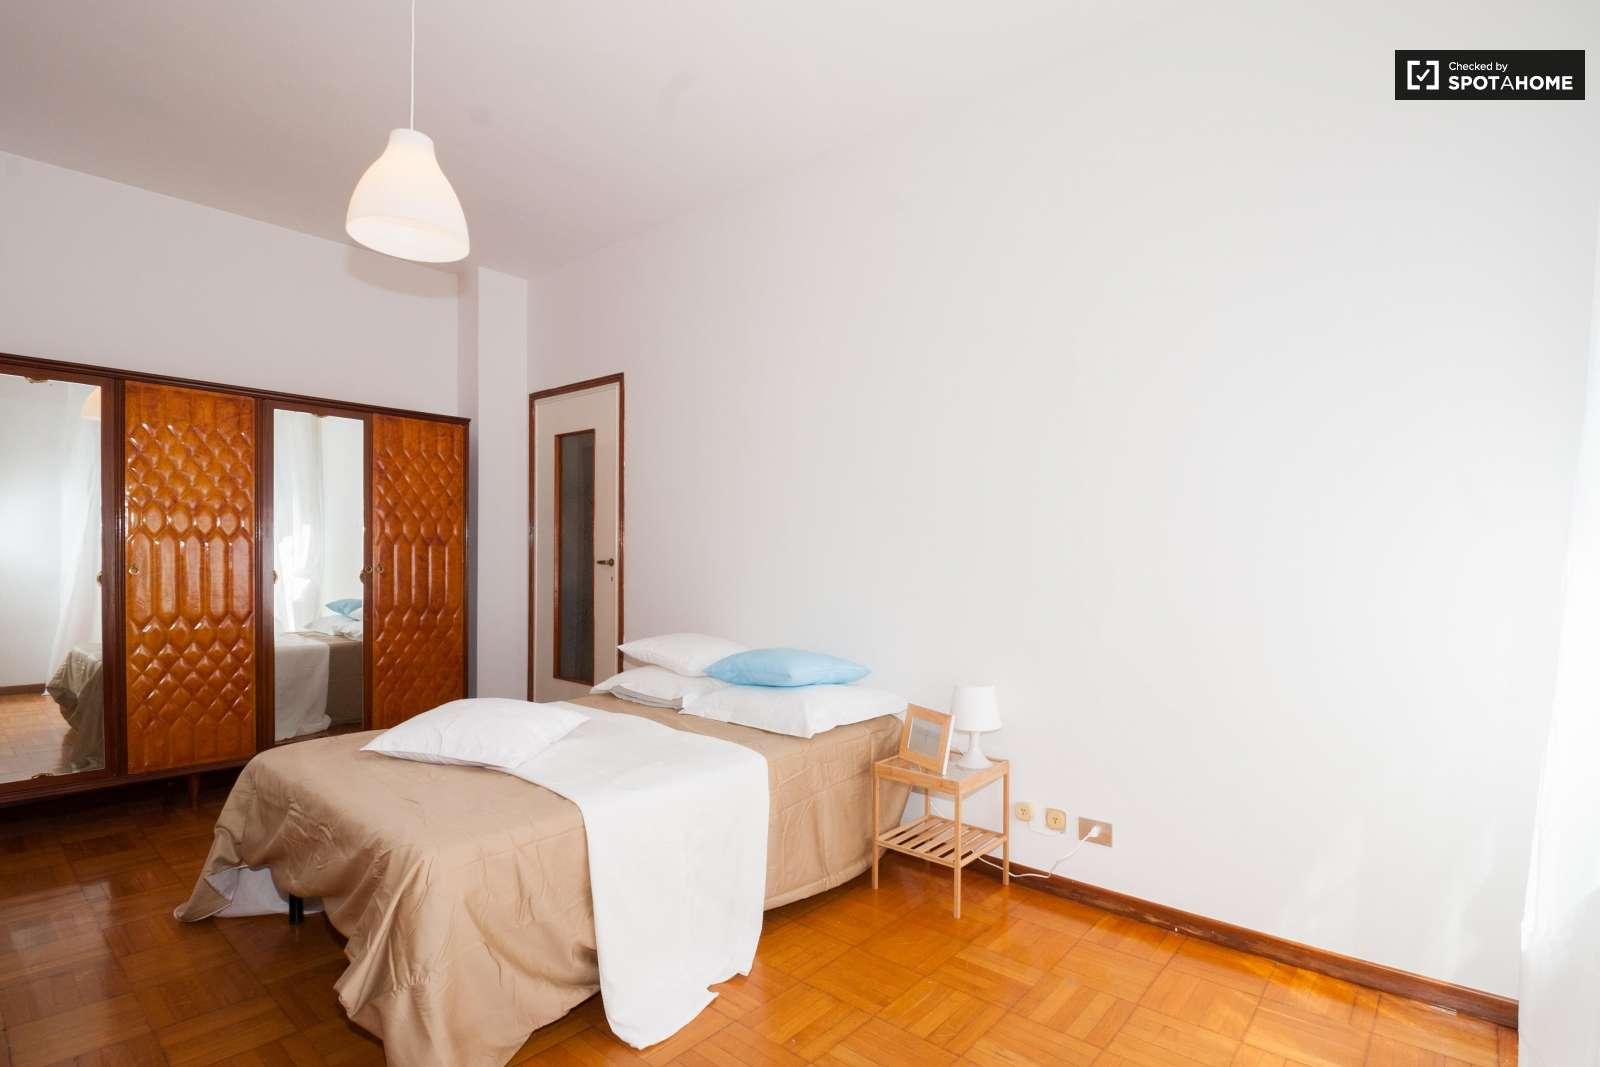 Camere in affitto in appartamento di 4 letti a porta - Camere da letto usate milano ...